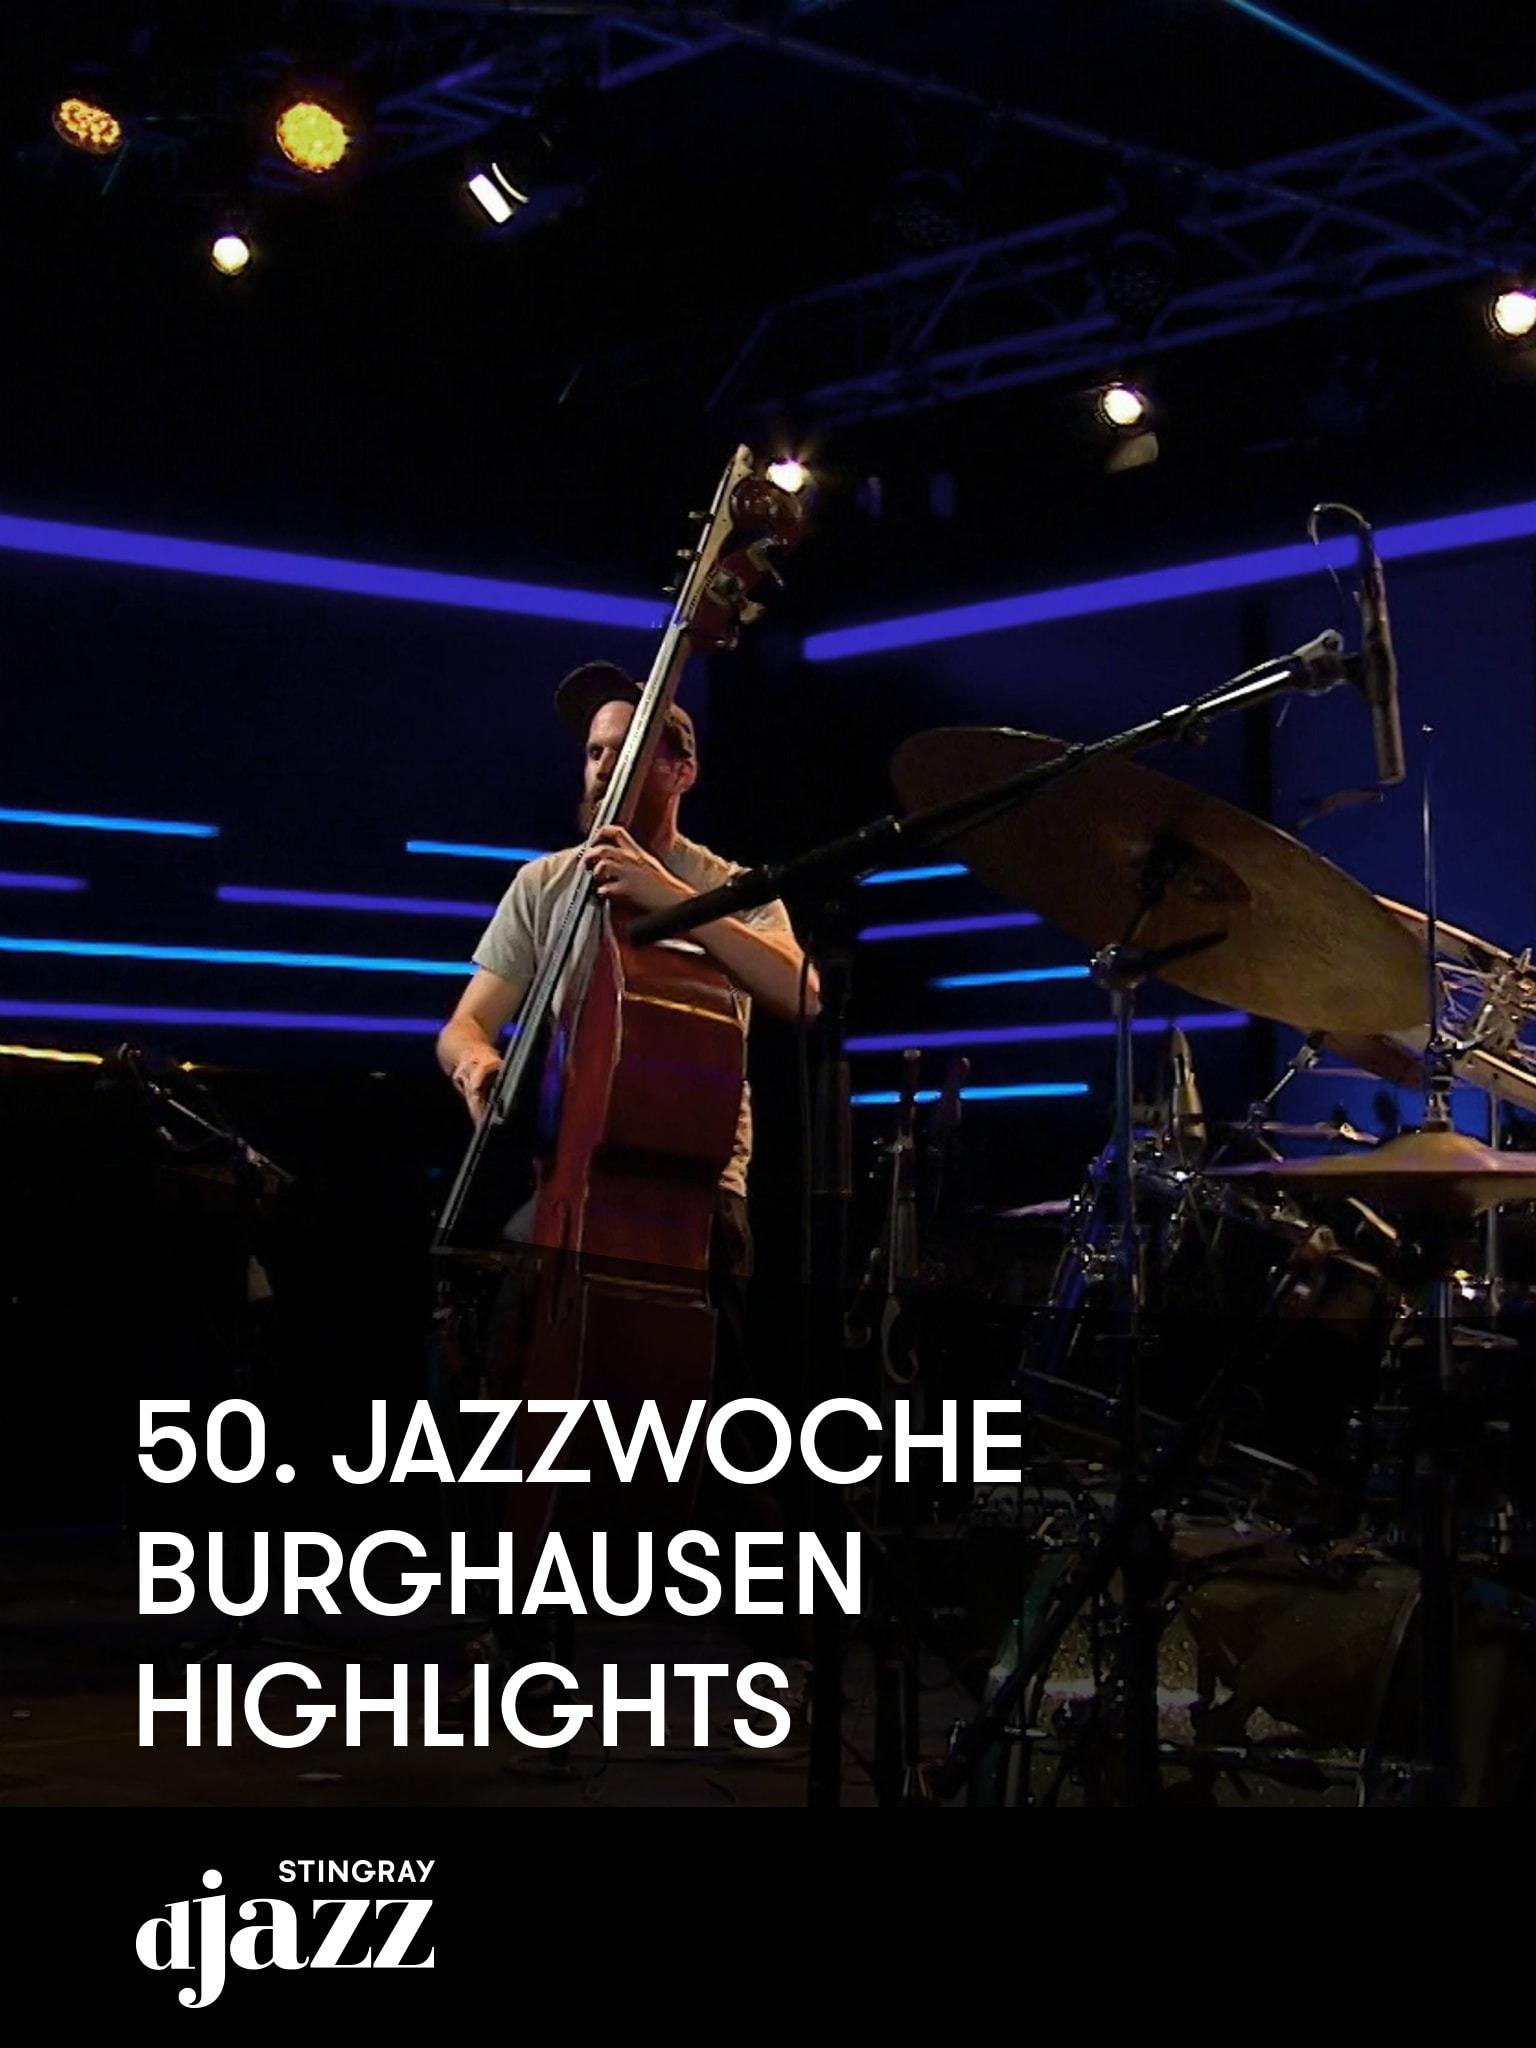 50. Jazzwoche Burghausen Highlights